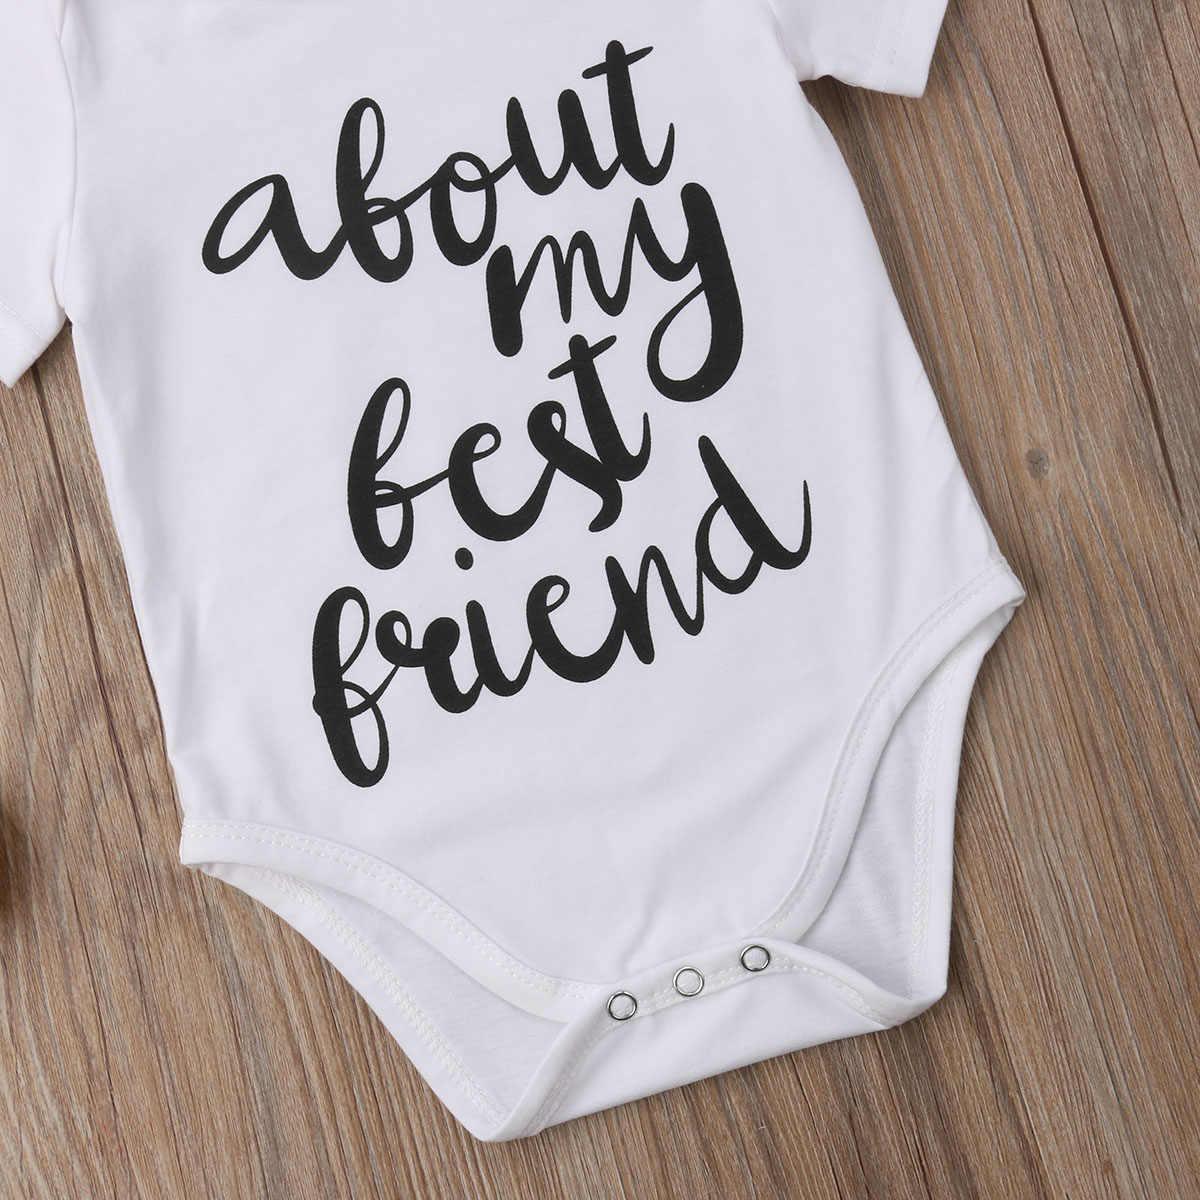 ビッグ/弟新生児キッズベビーボーイ綿トップ Tシャツロンパース衣装服